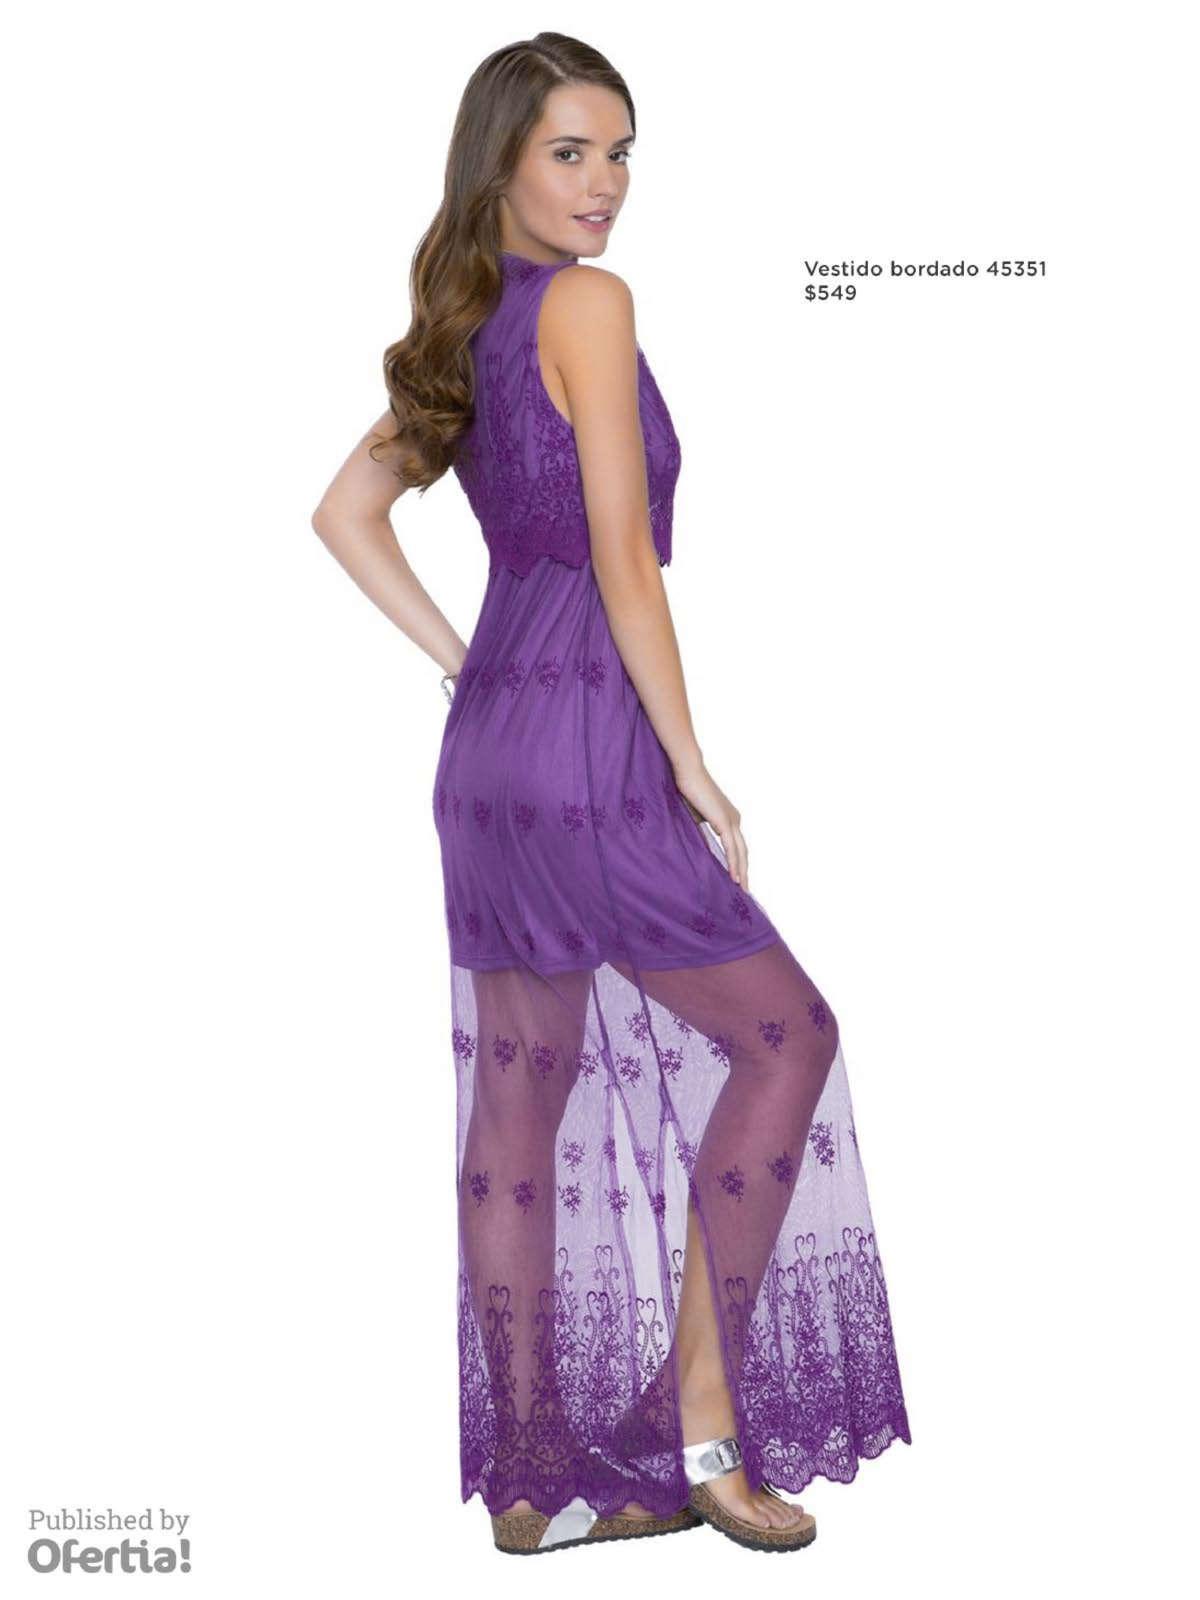 Vestidos de noche en Saltillo - Catálogos, ofertas y tiendas donde ...